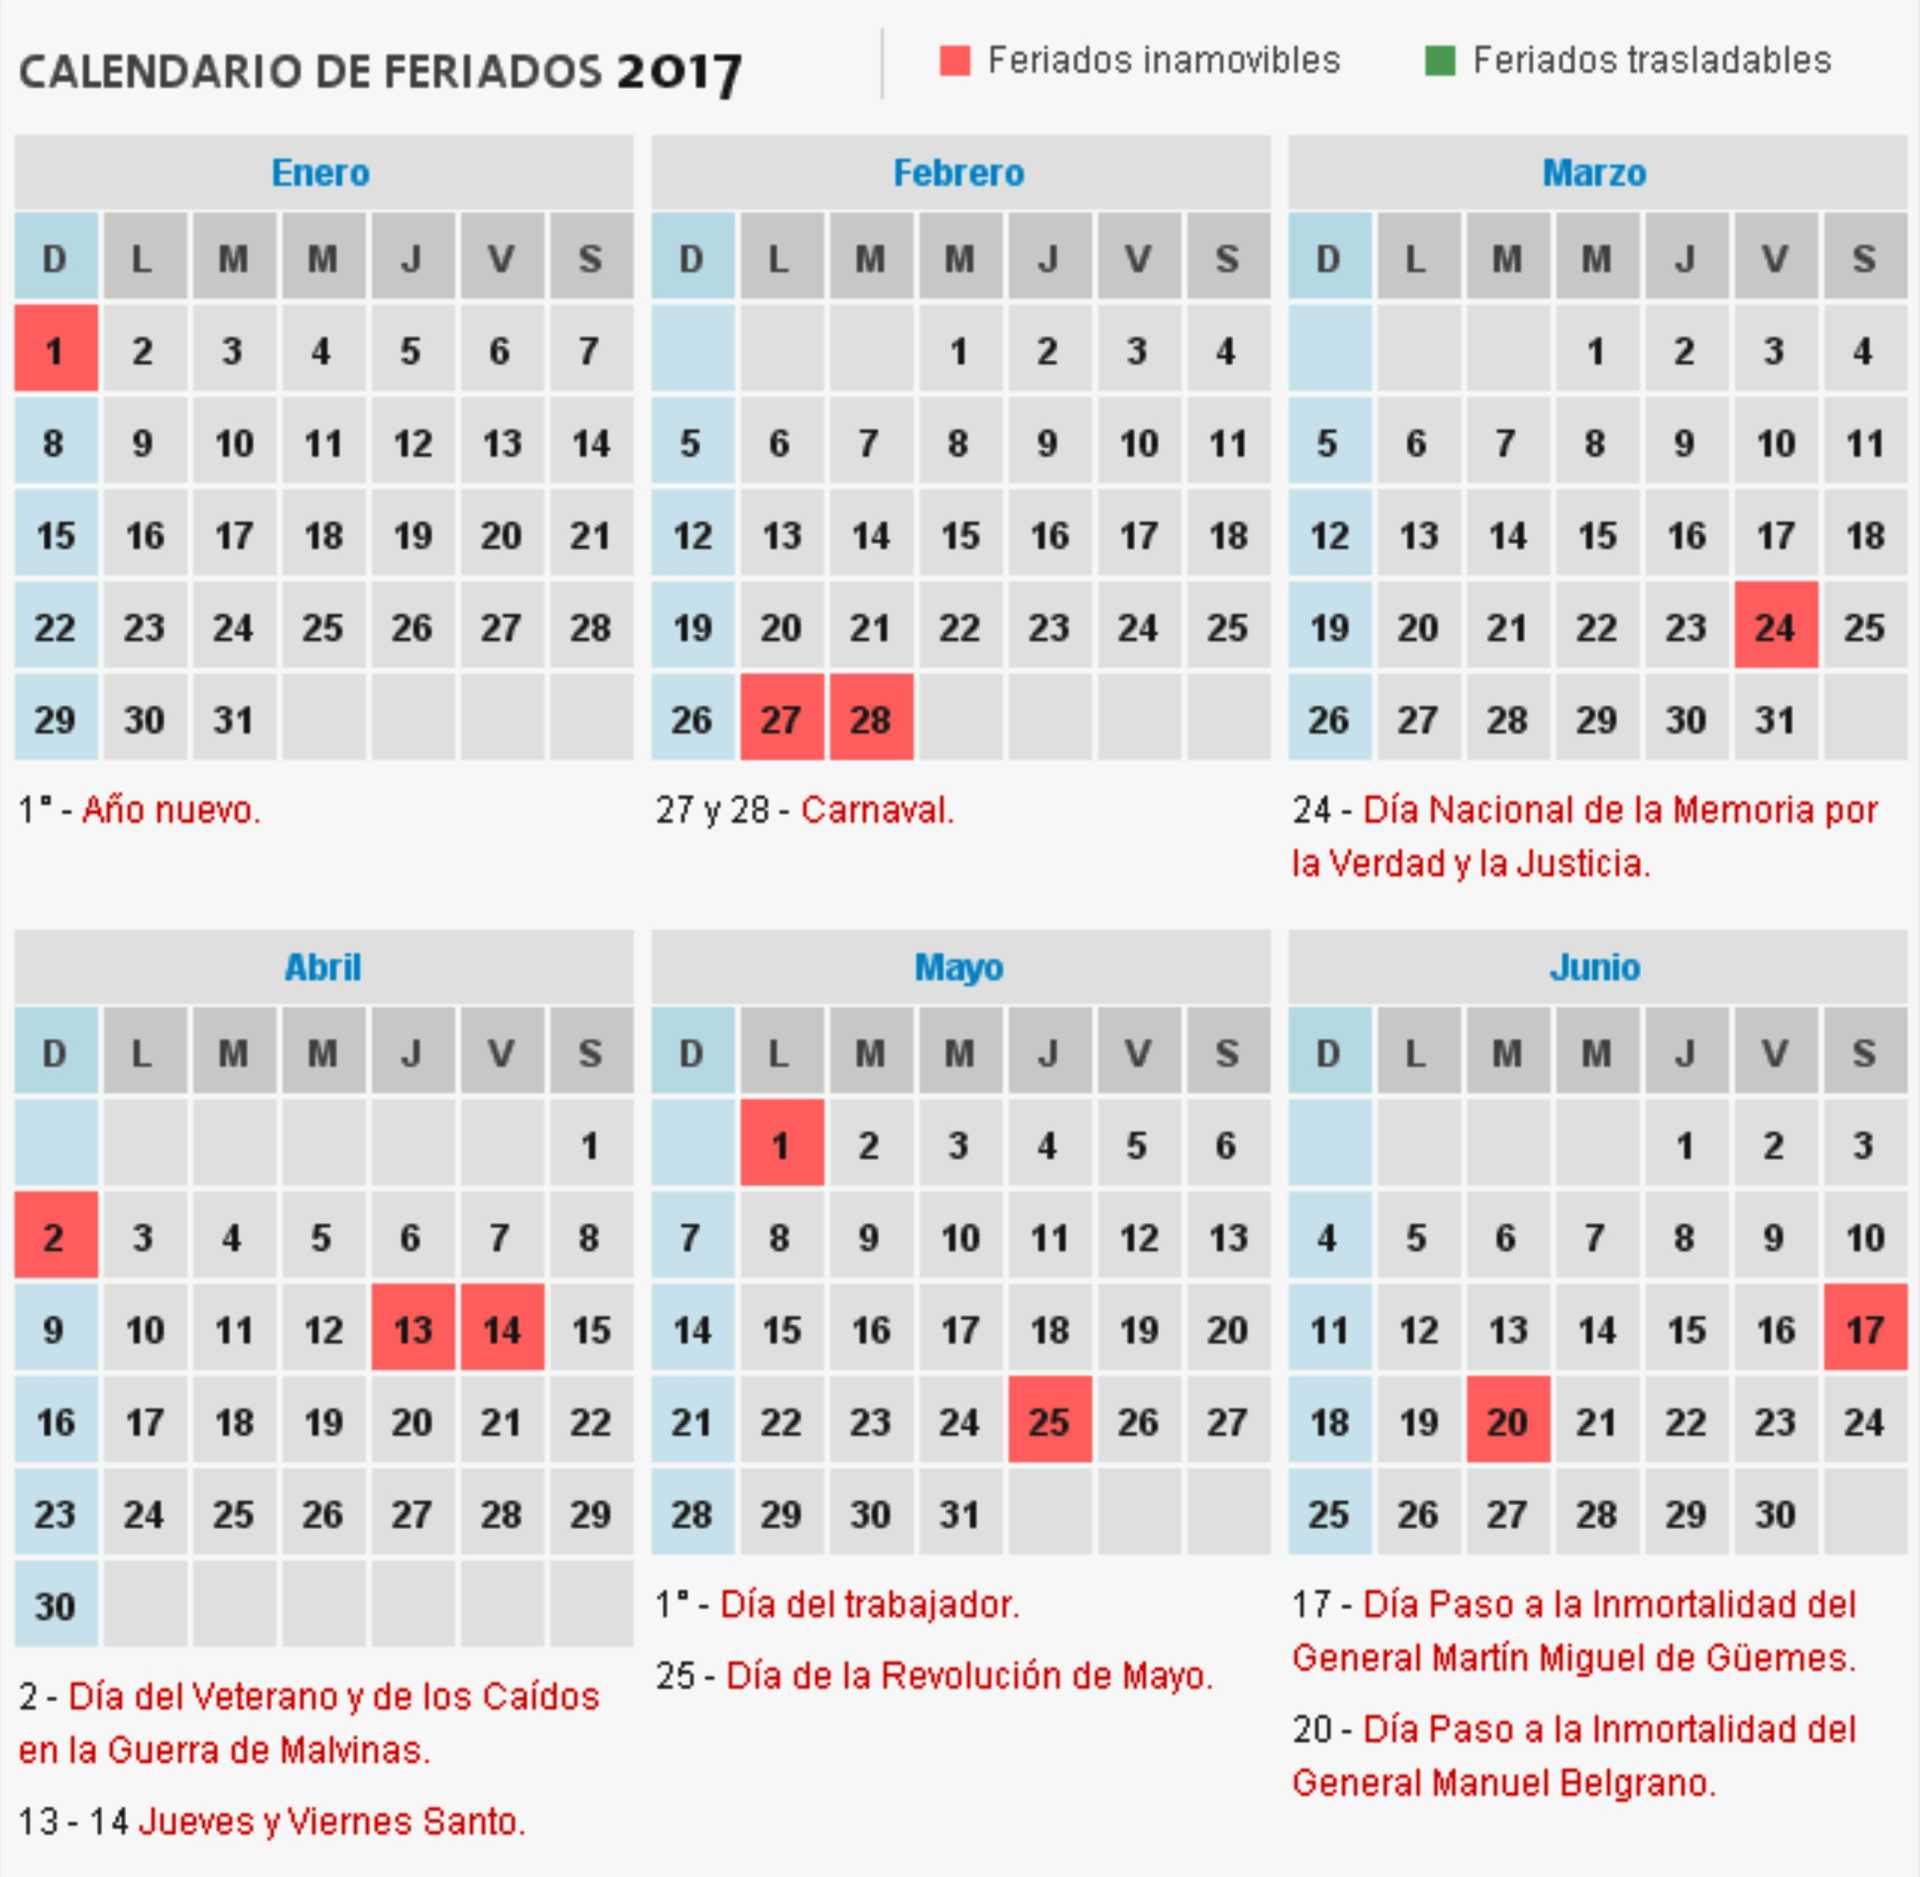 Consultá el calendario de feriados 2017 de la Argentina – RUS Media